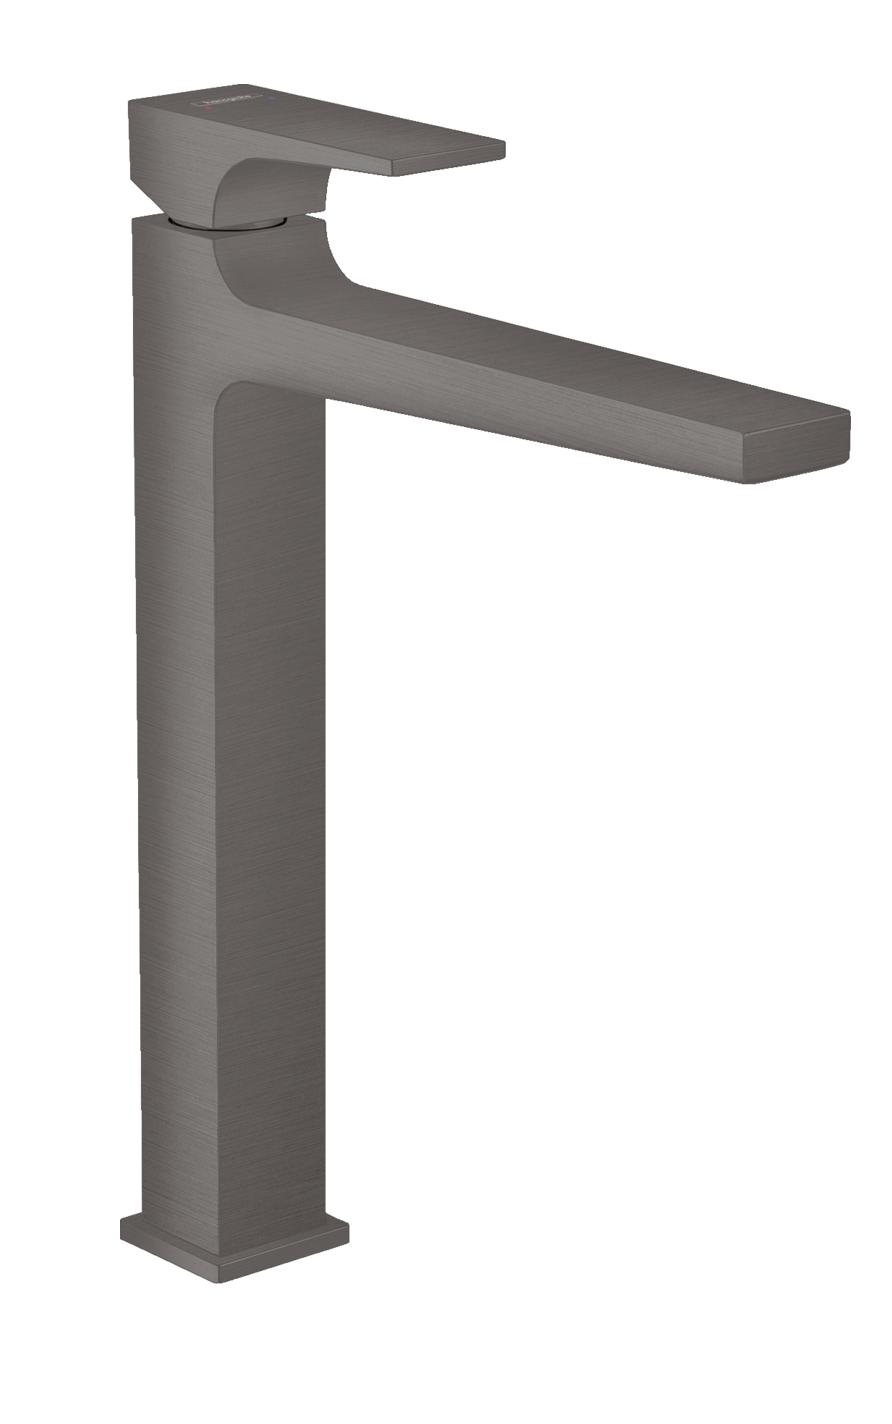 Mitigeur de lavabo Hansgrohe Metropol 260 en noir chromé brossé avec bonde push-open